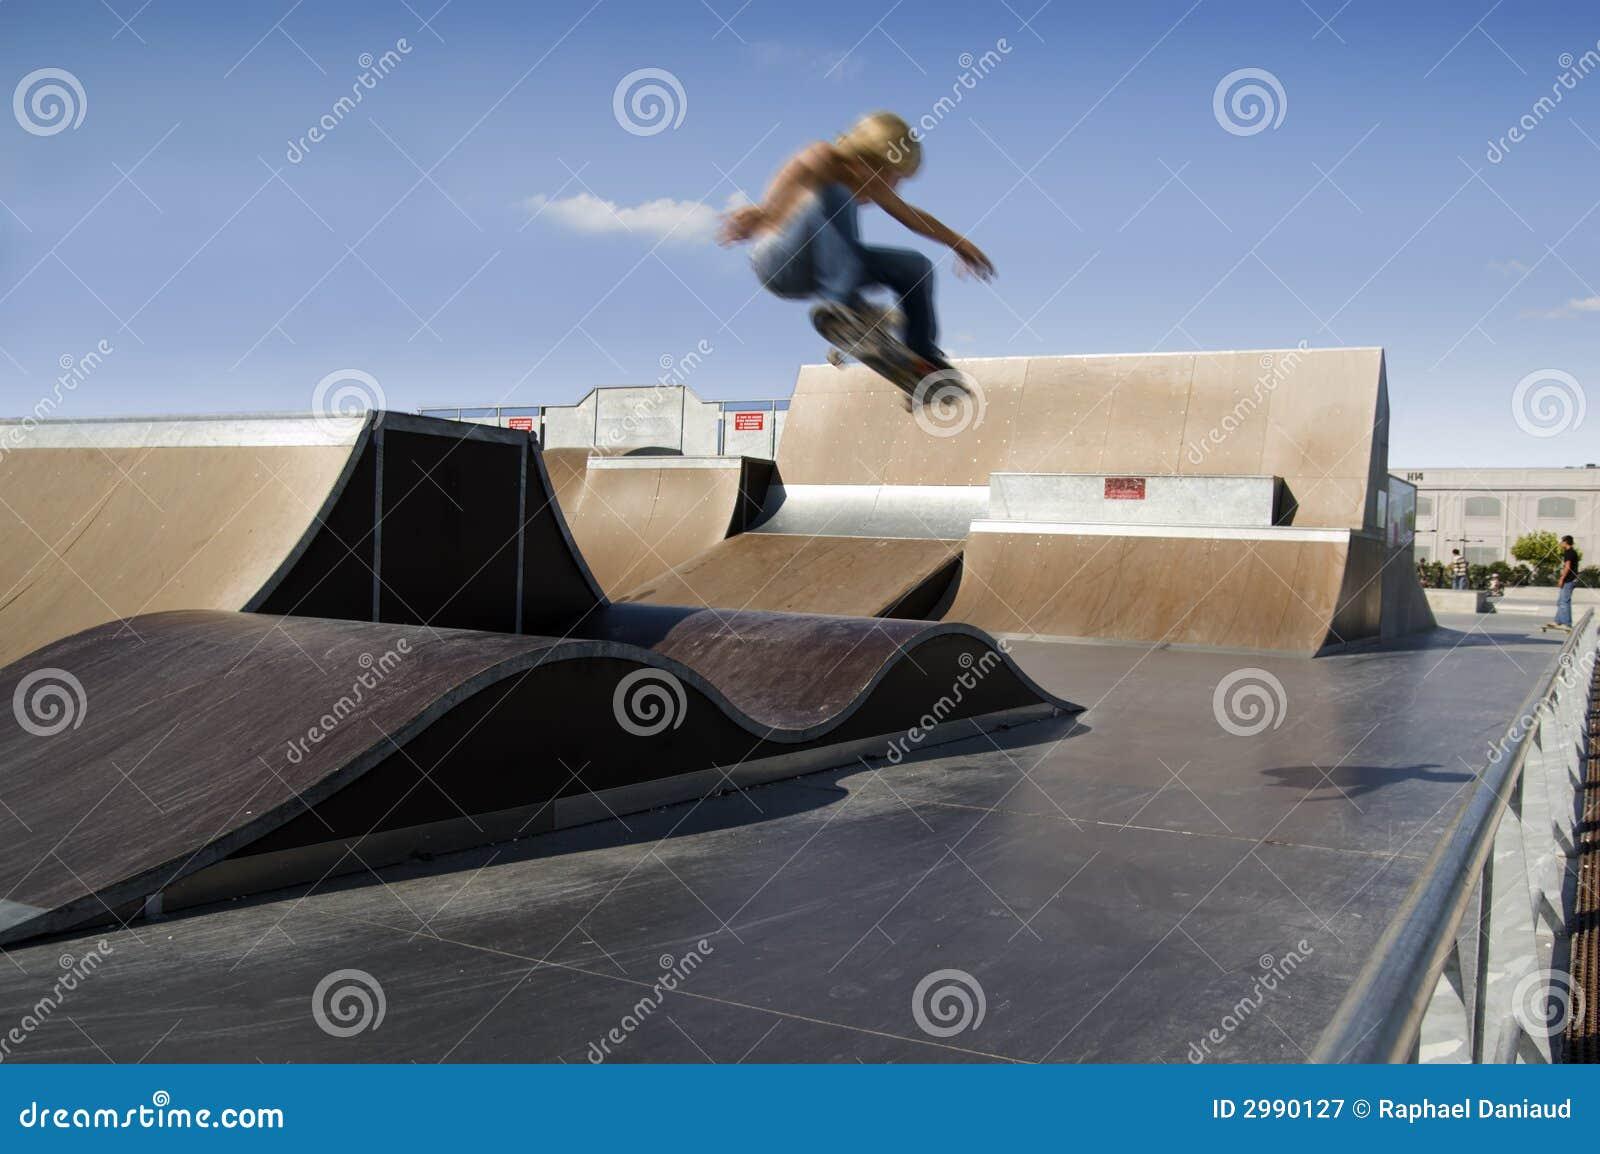 Salto extremo del patinador